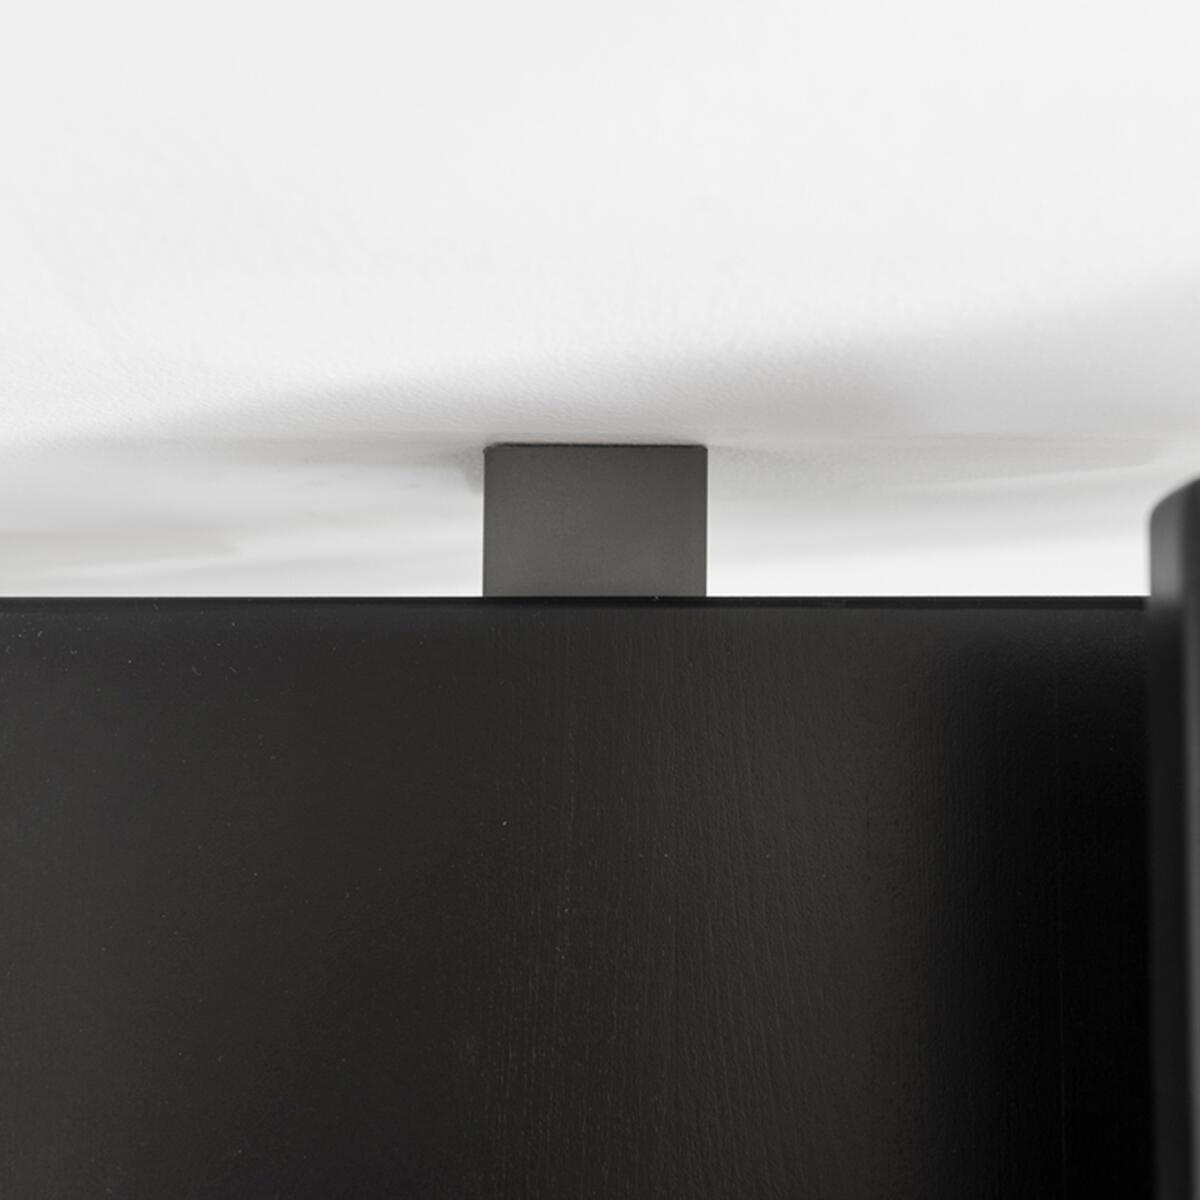 Scala a rampa 1/4 di giro Mas FONTANOT L 85 cm, gradino grigio antracite scuro, struttura antracite - 8